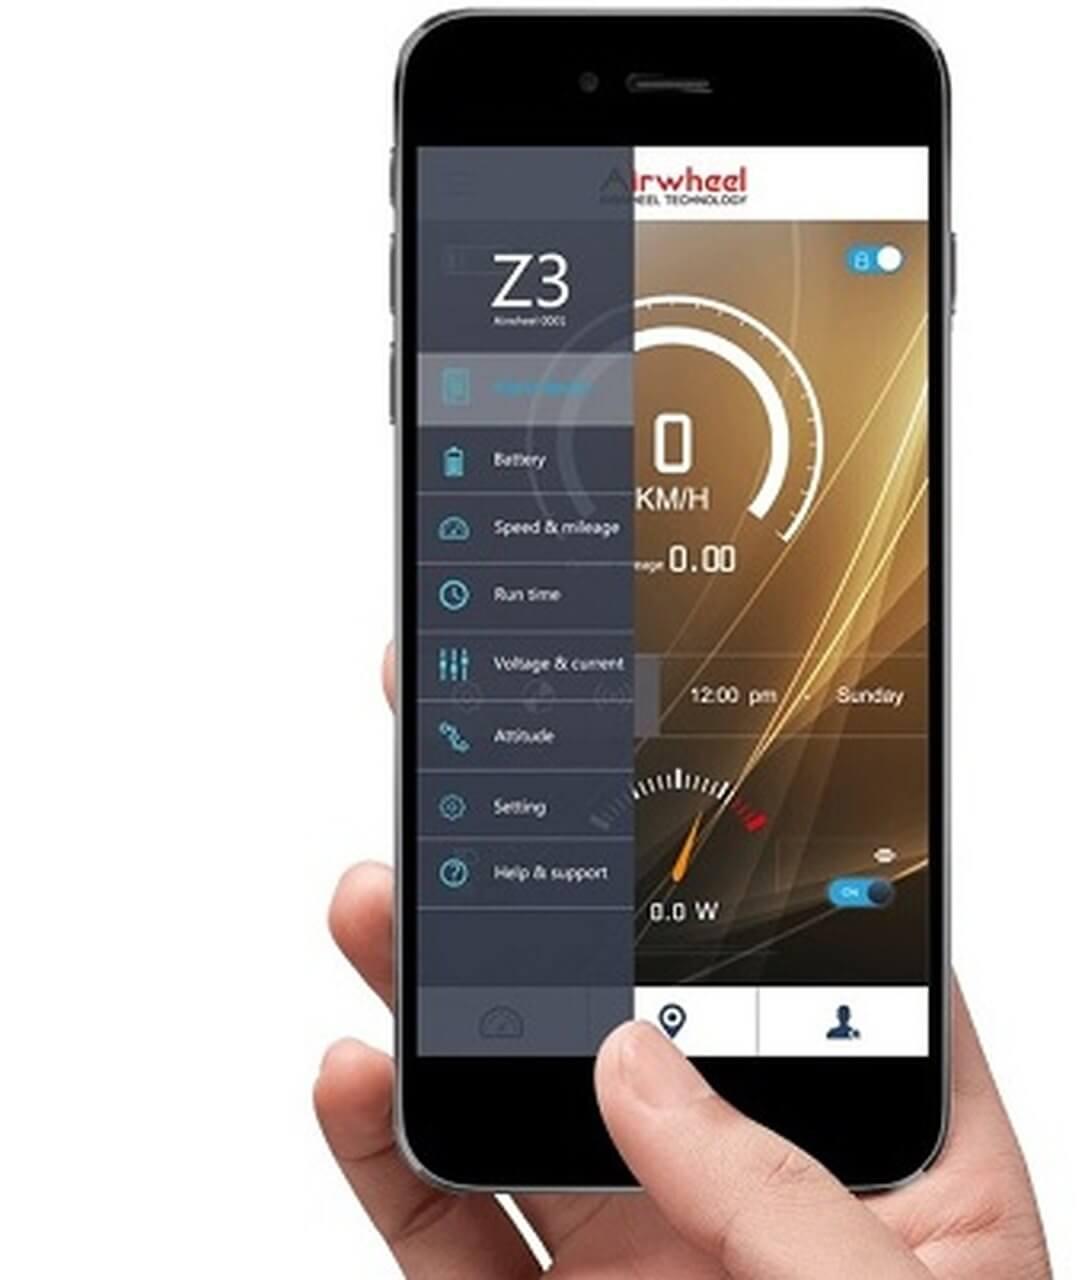 Airhweel Z3 aplikacja - jaką hulajnogę elektryczną kupić